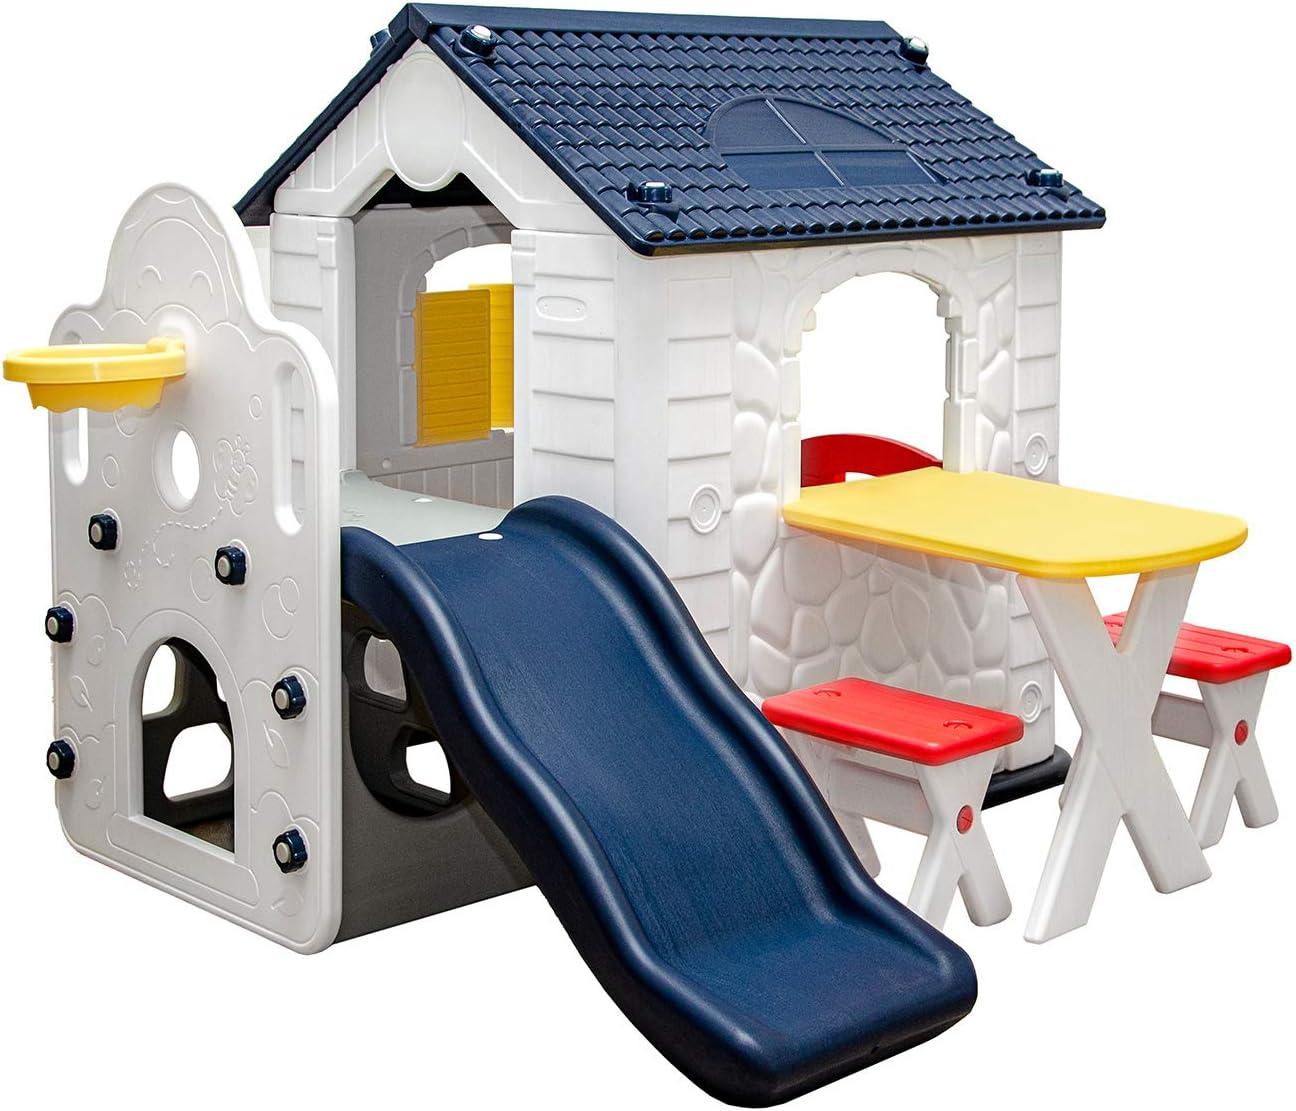 Spielhaus mit Rutsche Kunststoff - LittleTom Spielhaus